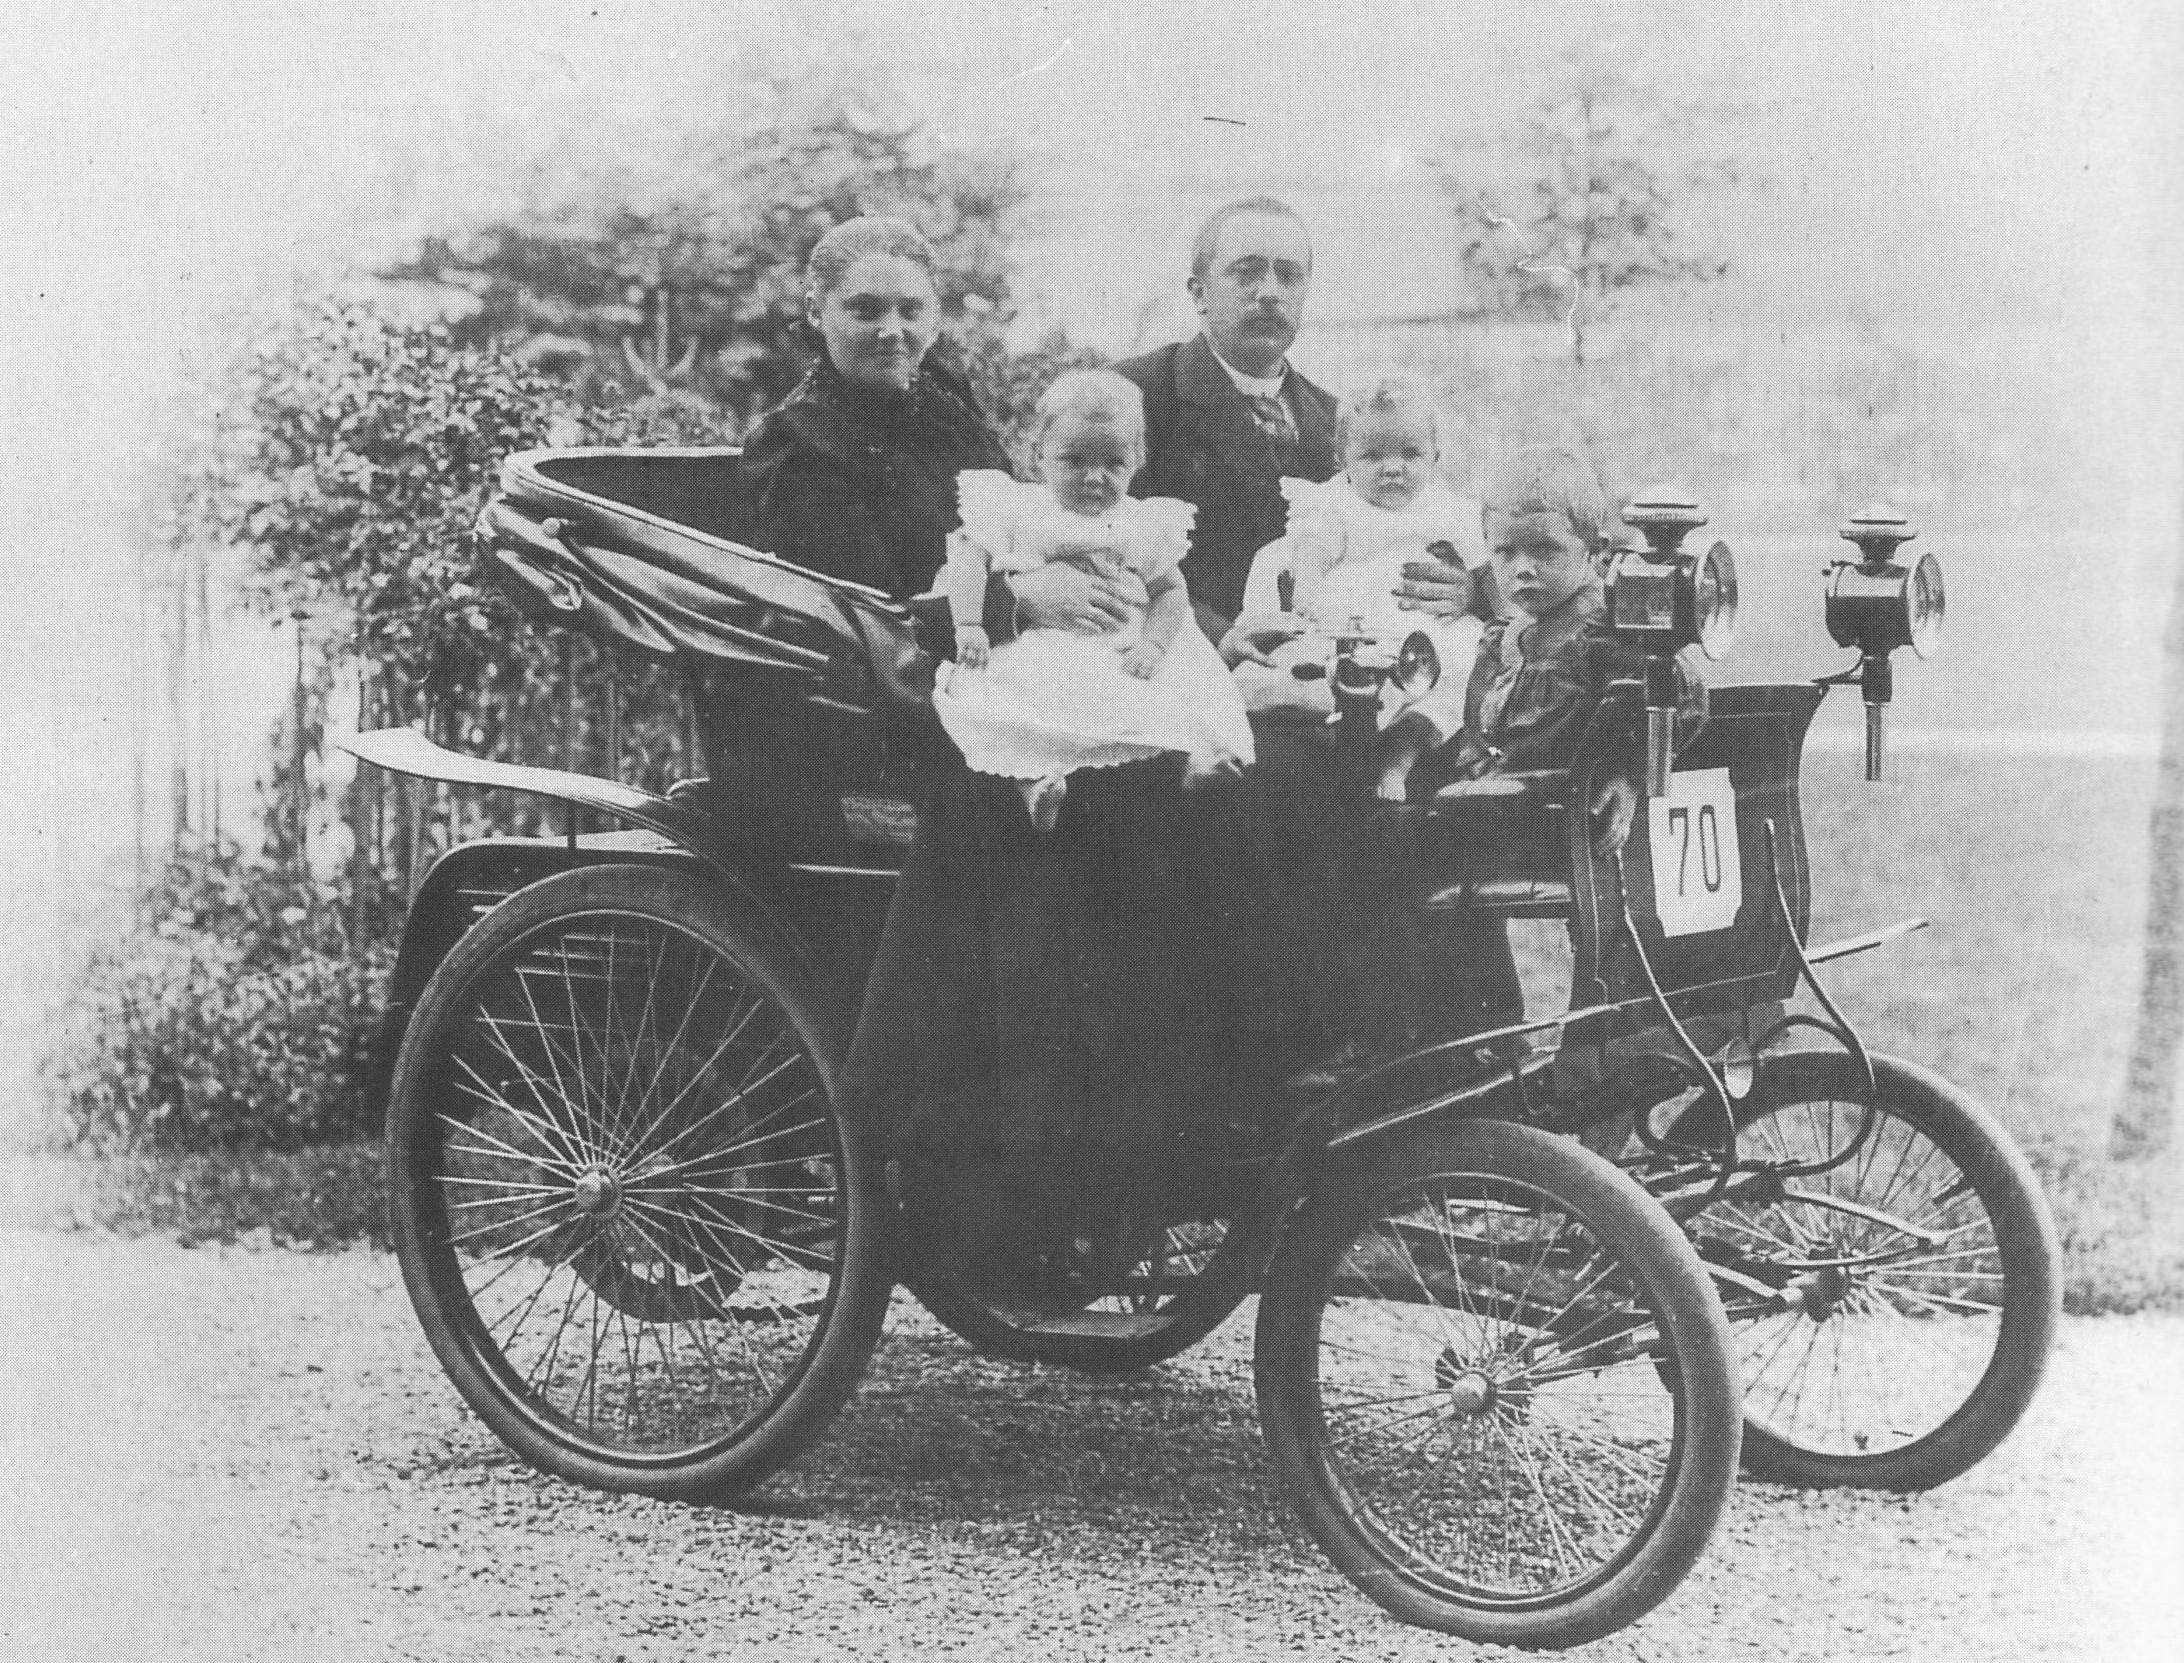 Willem Helmich Van Heek in 1900 in Daimler